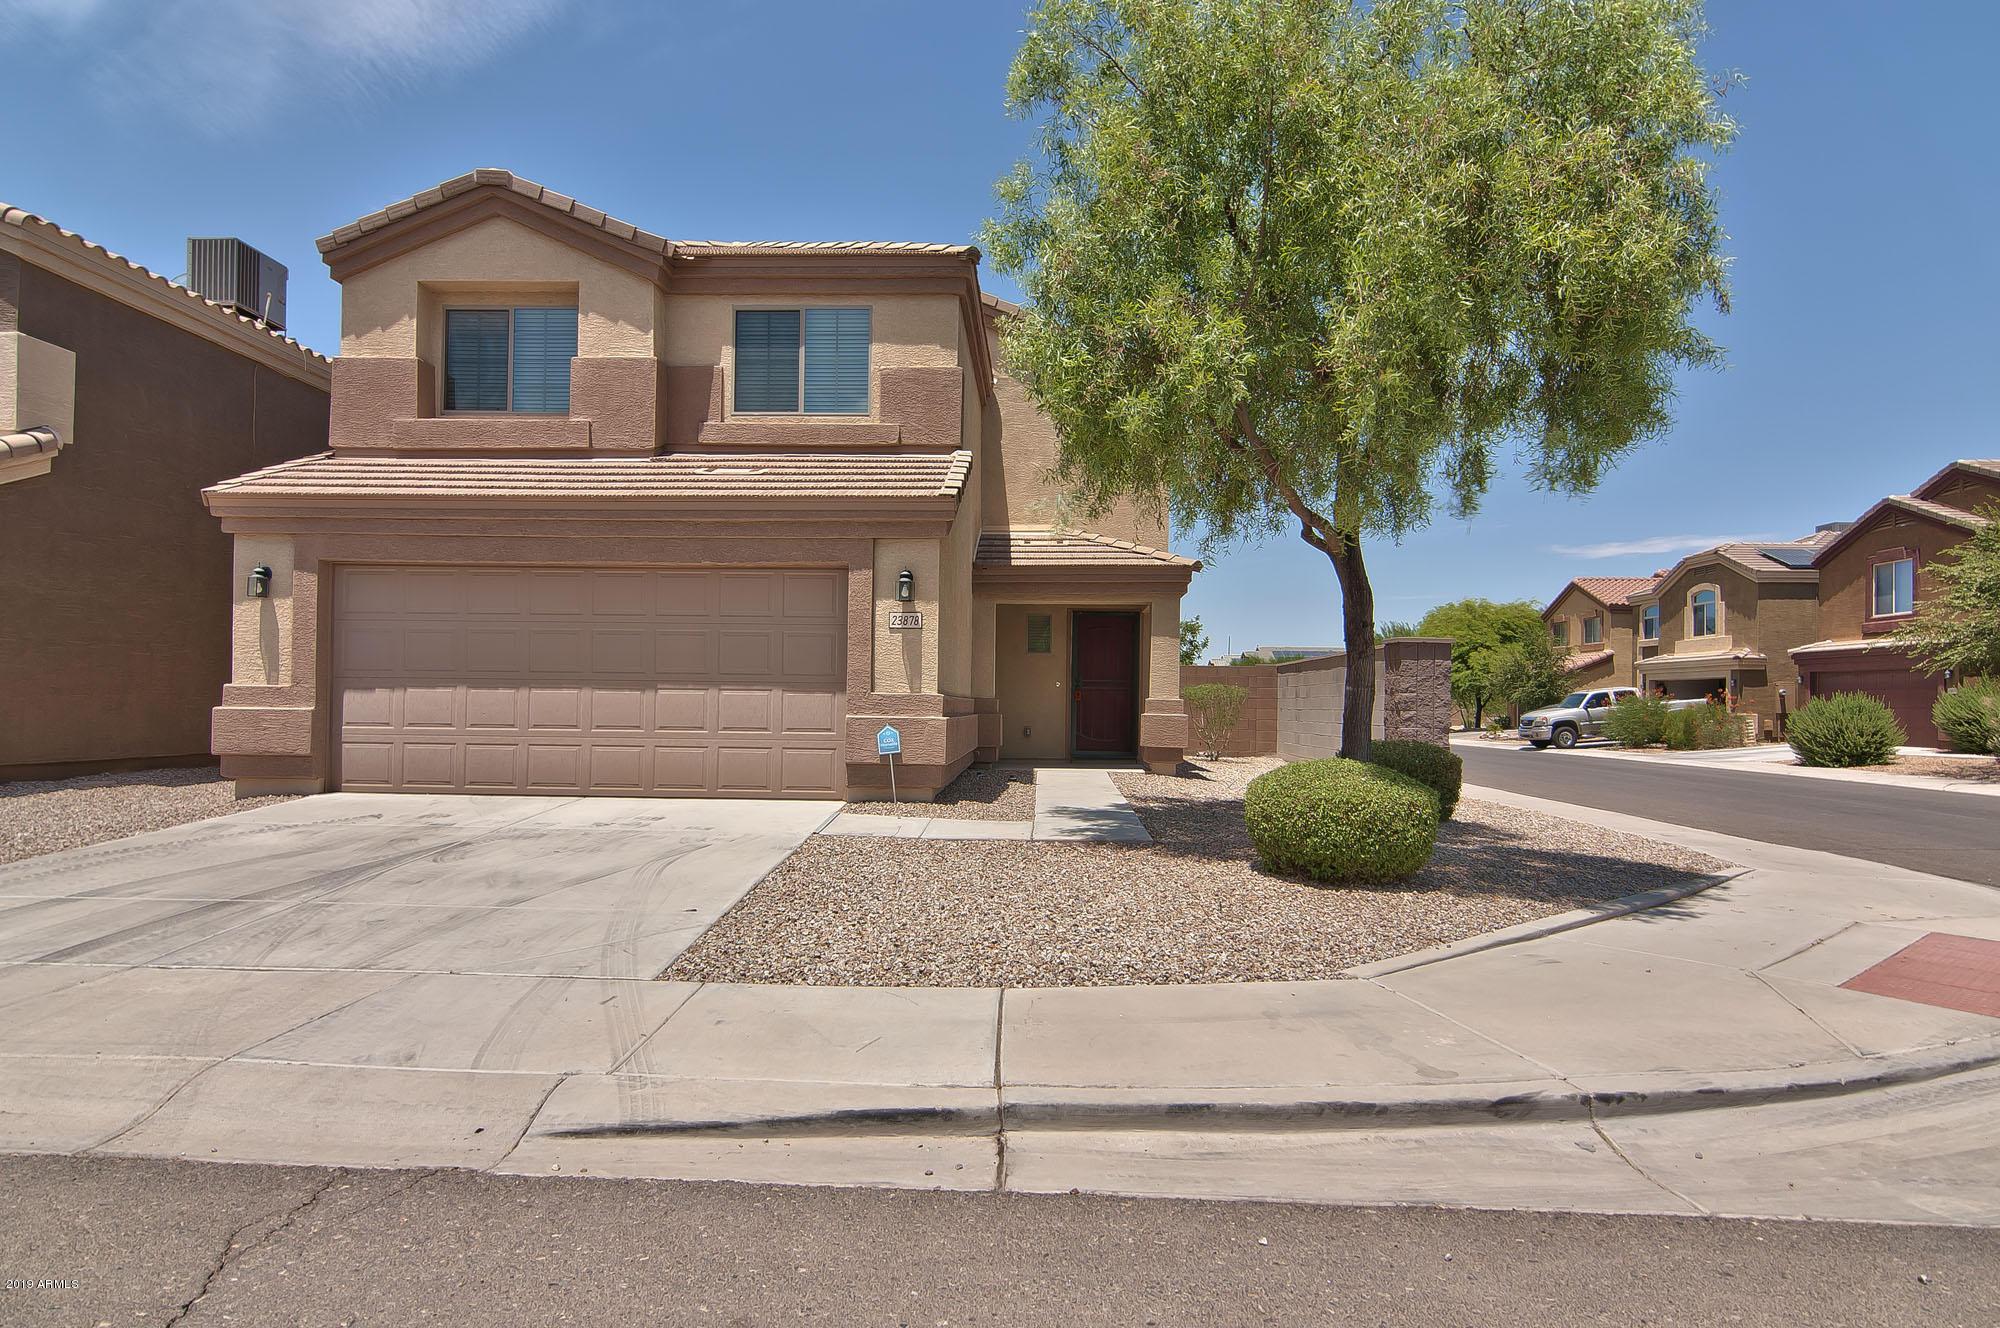 MLS 5954353 23878 N GREER Loop, Florence, AZ 85132